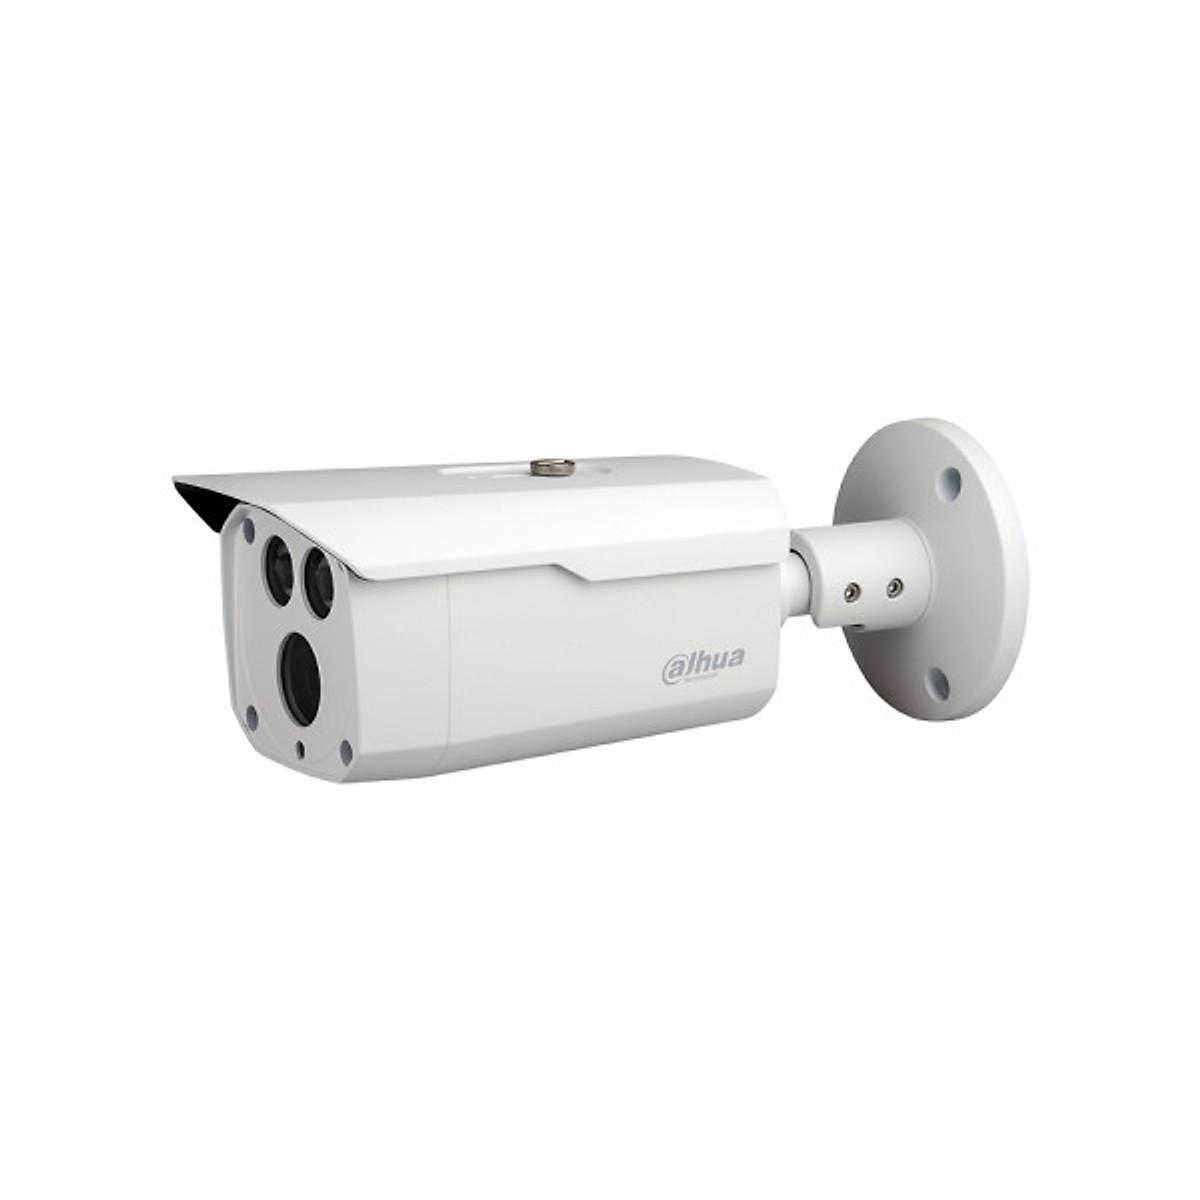 Camera HD-CVI thân trụ 4.0 Mega Pixel hồng ngoại 80m ngoài trời Dahua HAC-HFW1400DP – Hàng nhập khẩu